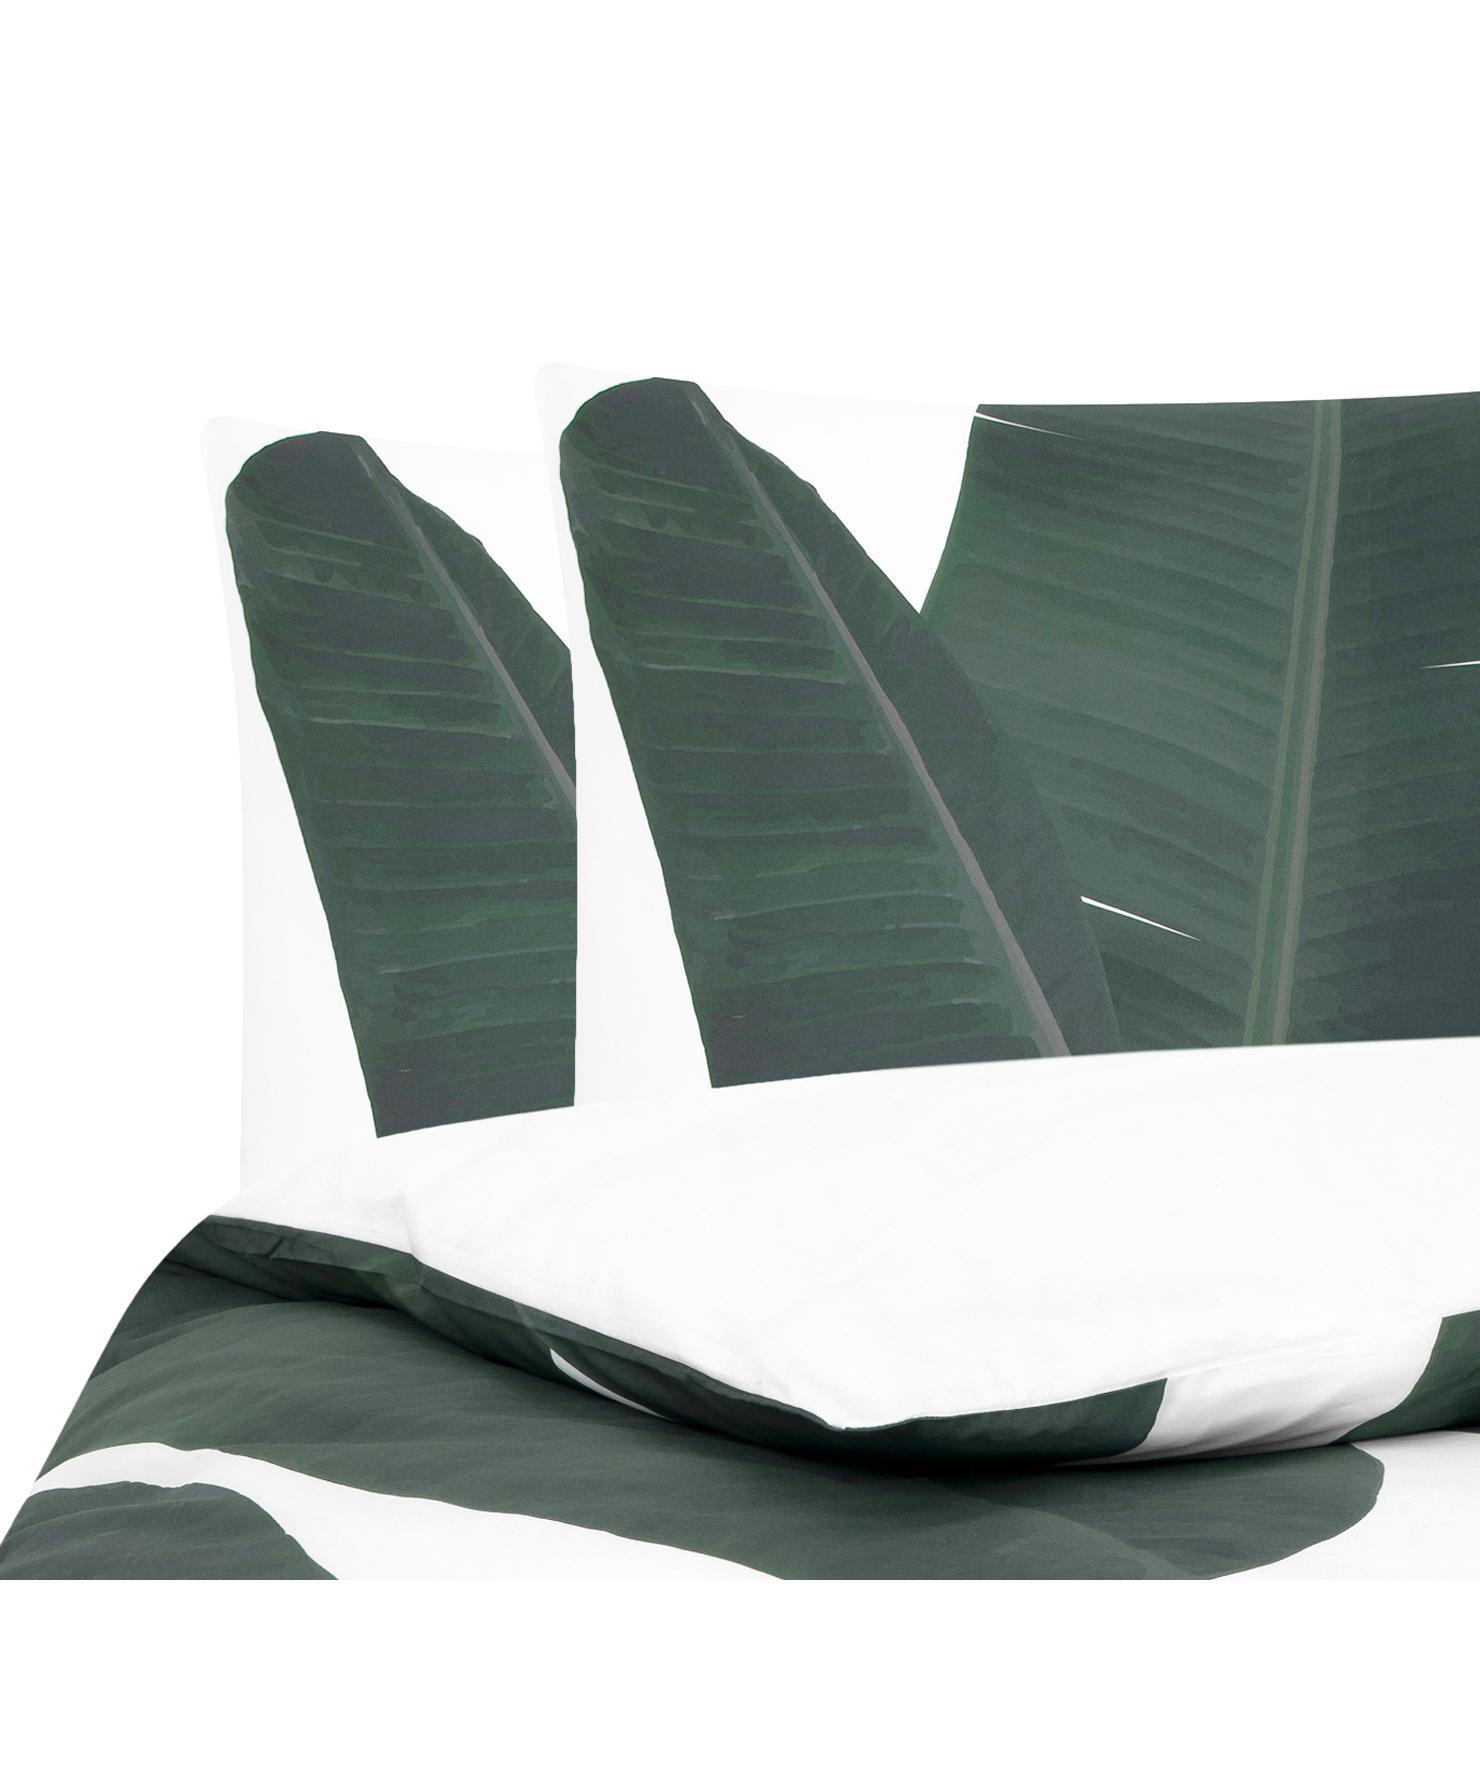 Baumwollperkal-Bettwäsche Banana mit Blattmotiv, Webart: Perkal Fadendichte 180 TC, Vorderseite: GrüntöneRückseite: Weiß, Uni, 200 x 200 cm + 2 Kissen 80 x 80 cm